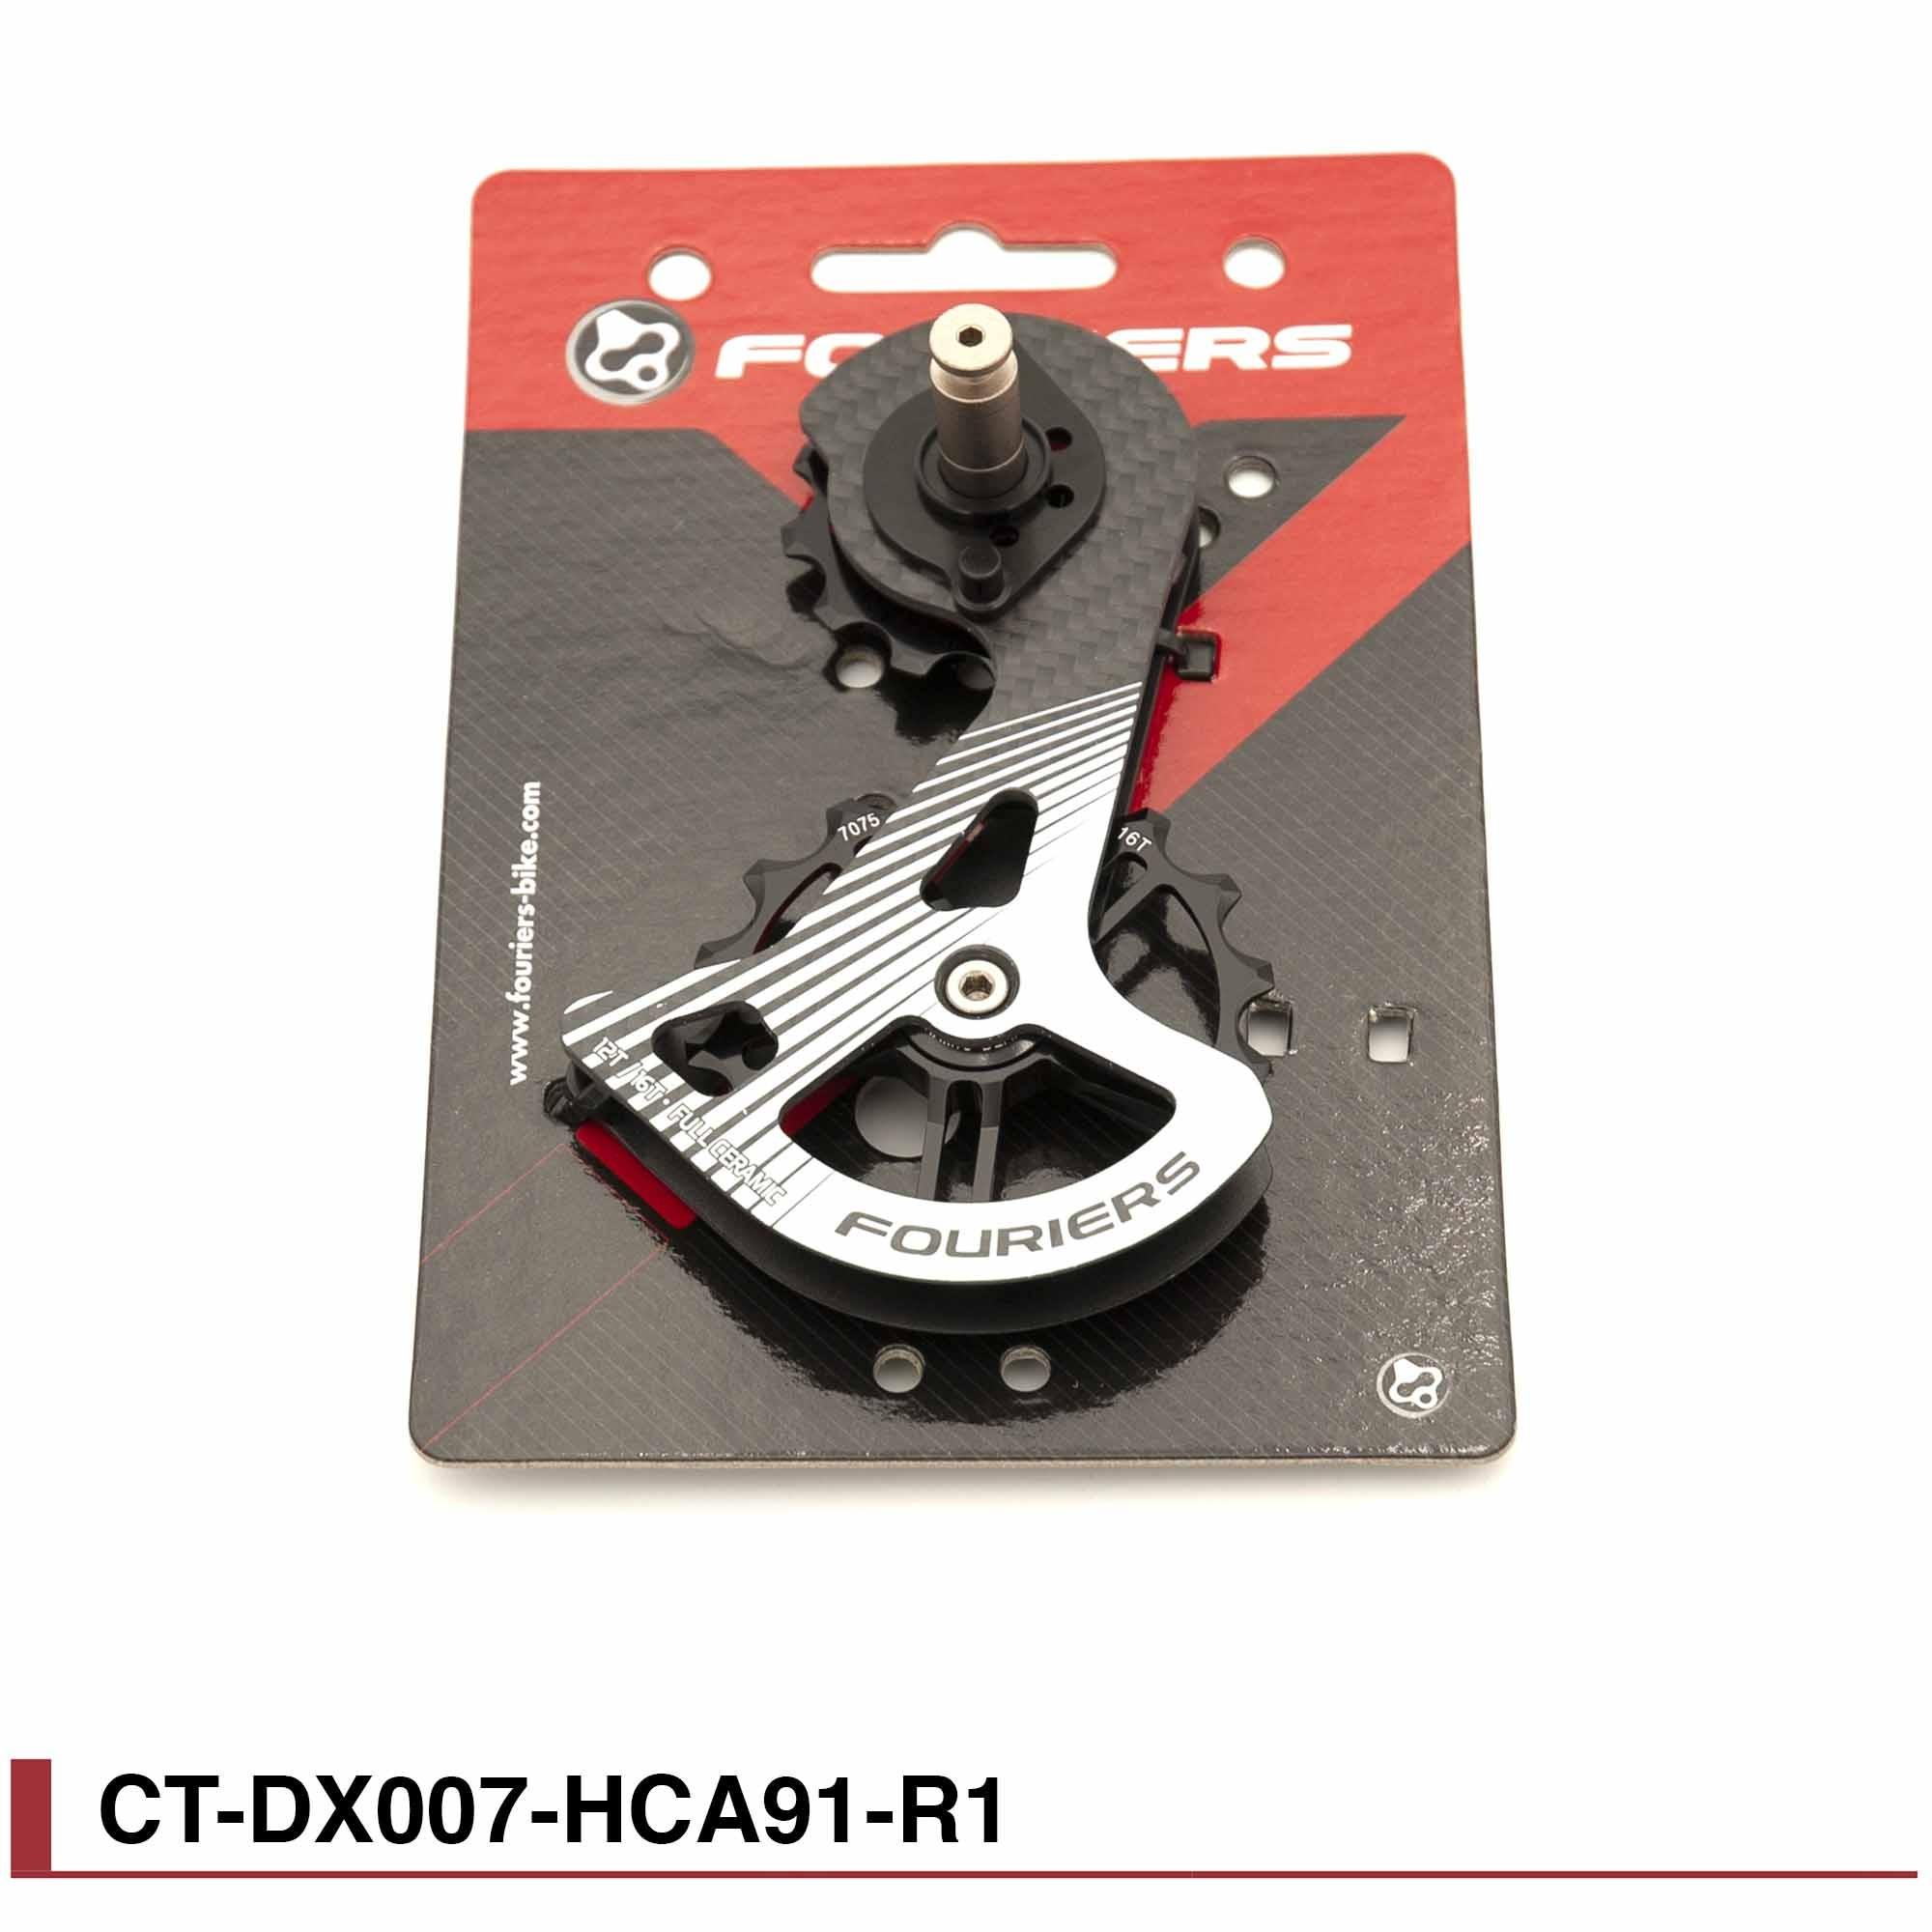 Chape Fouriers carbone Full ceramique pour Shimano RD 9100/9150/8000 ct-dx007-hca91 noir